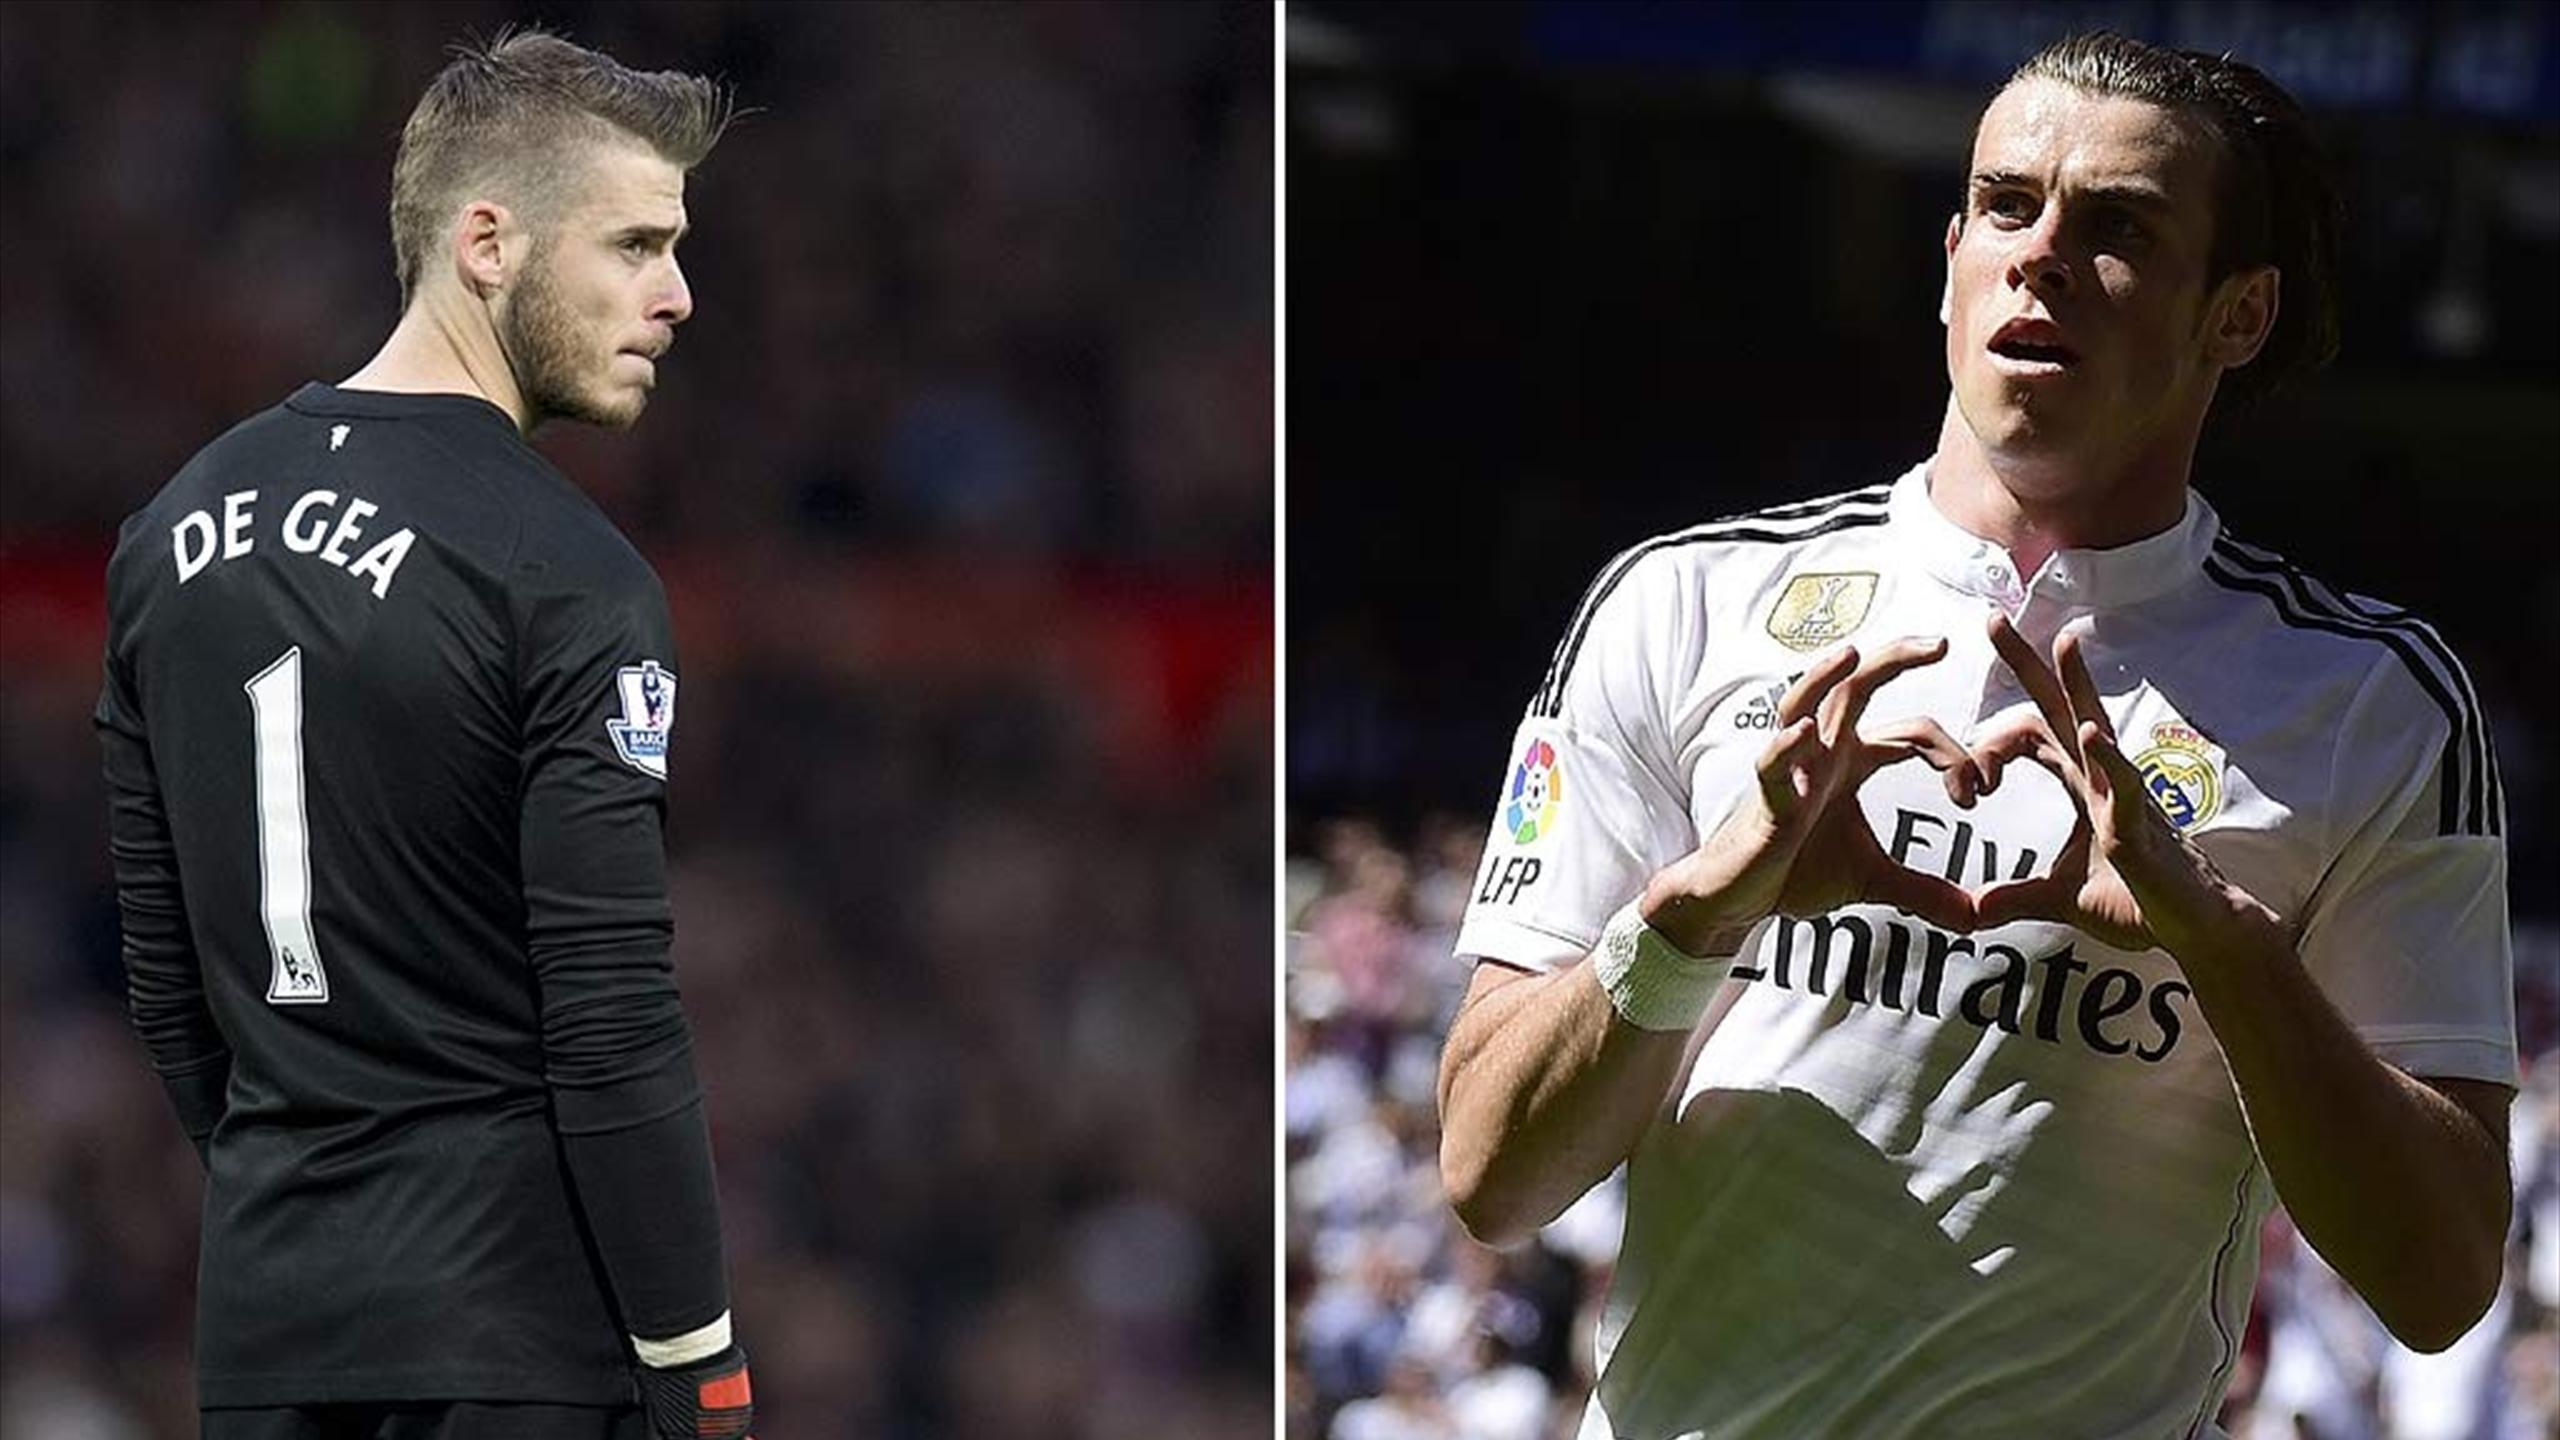 David De Gea / Gareth Bale